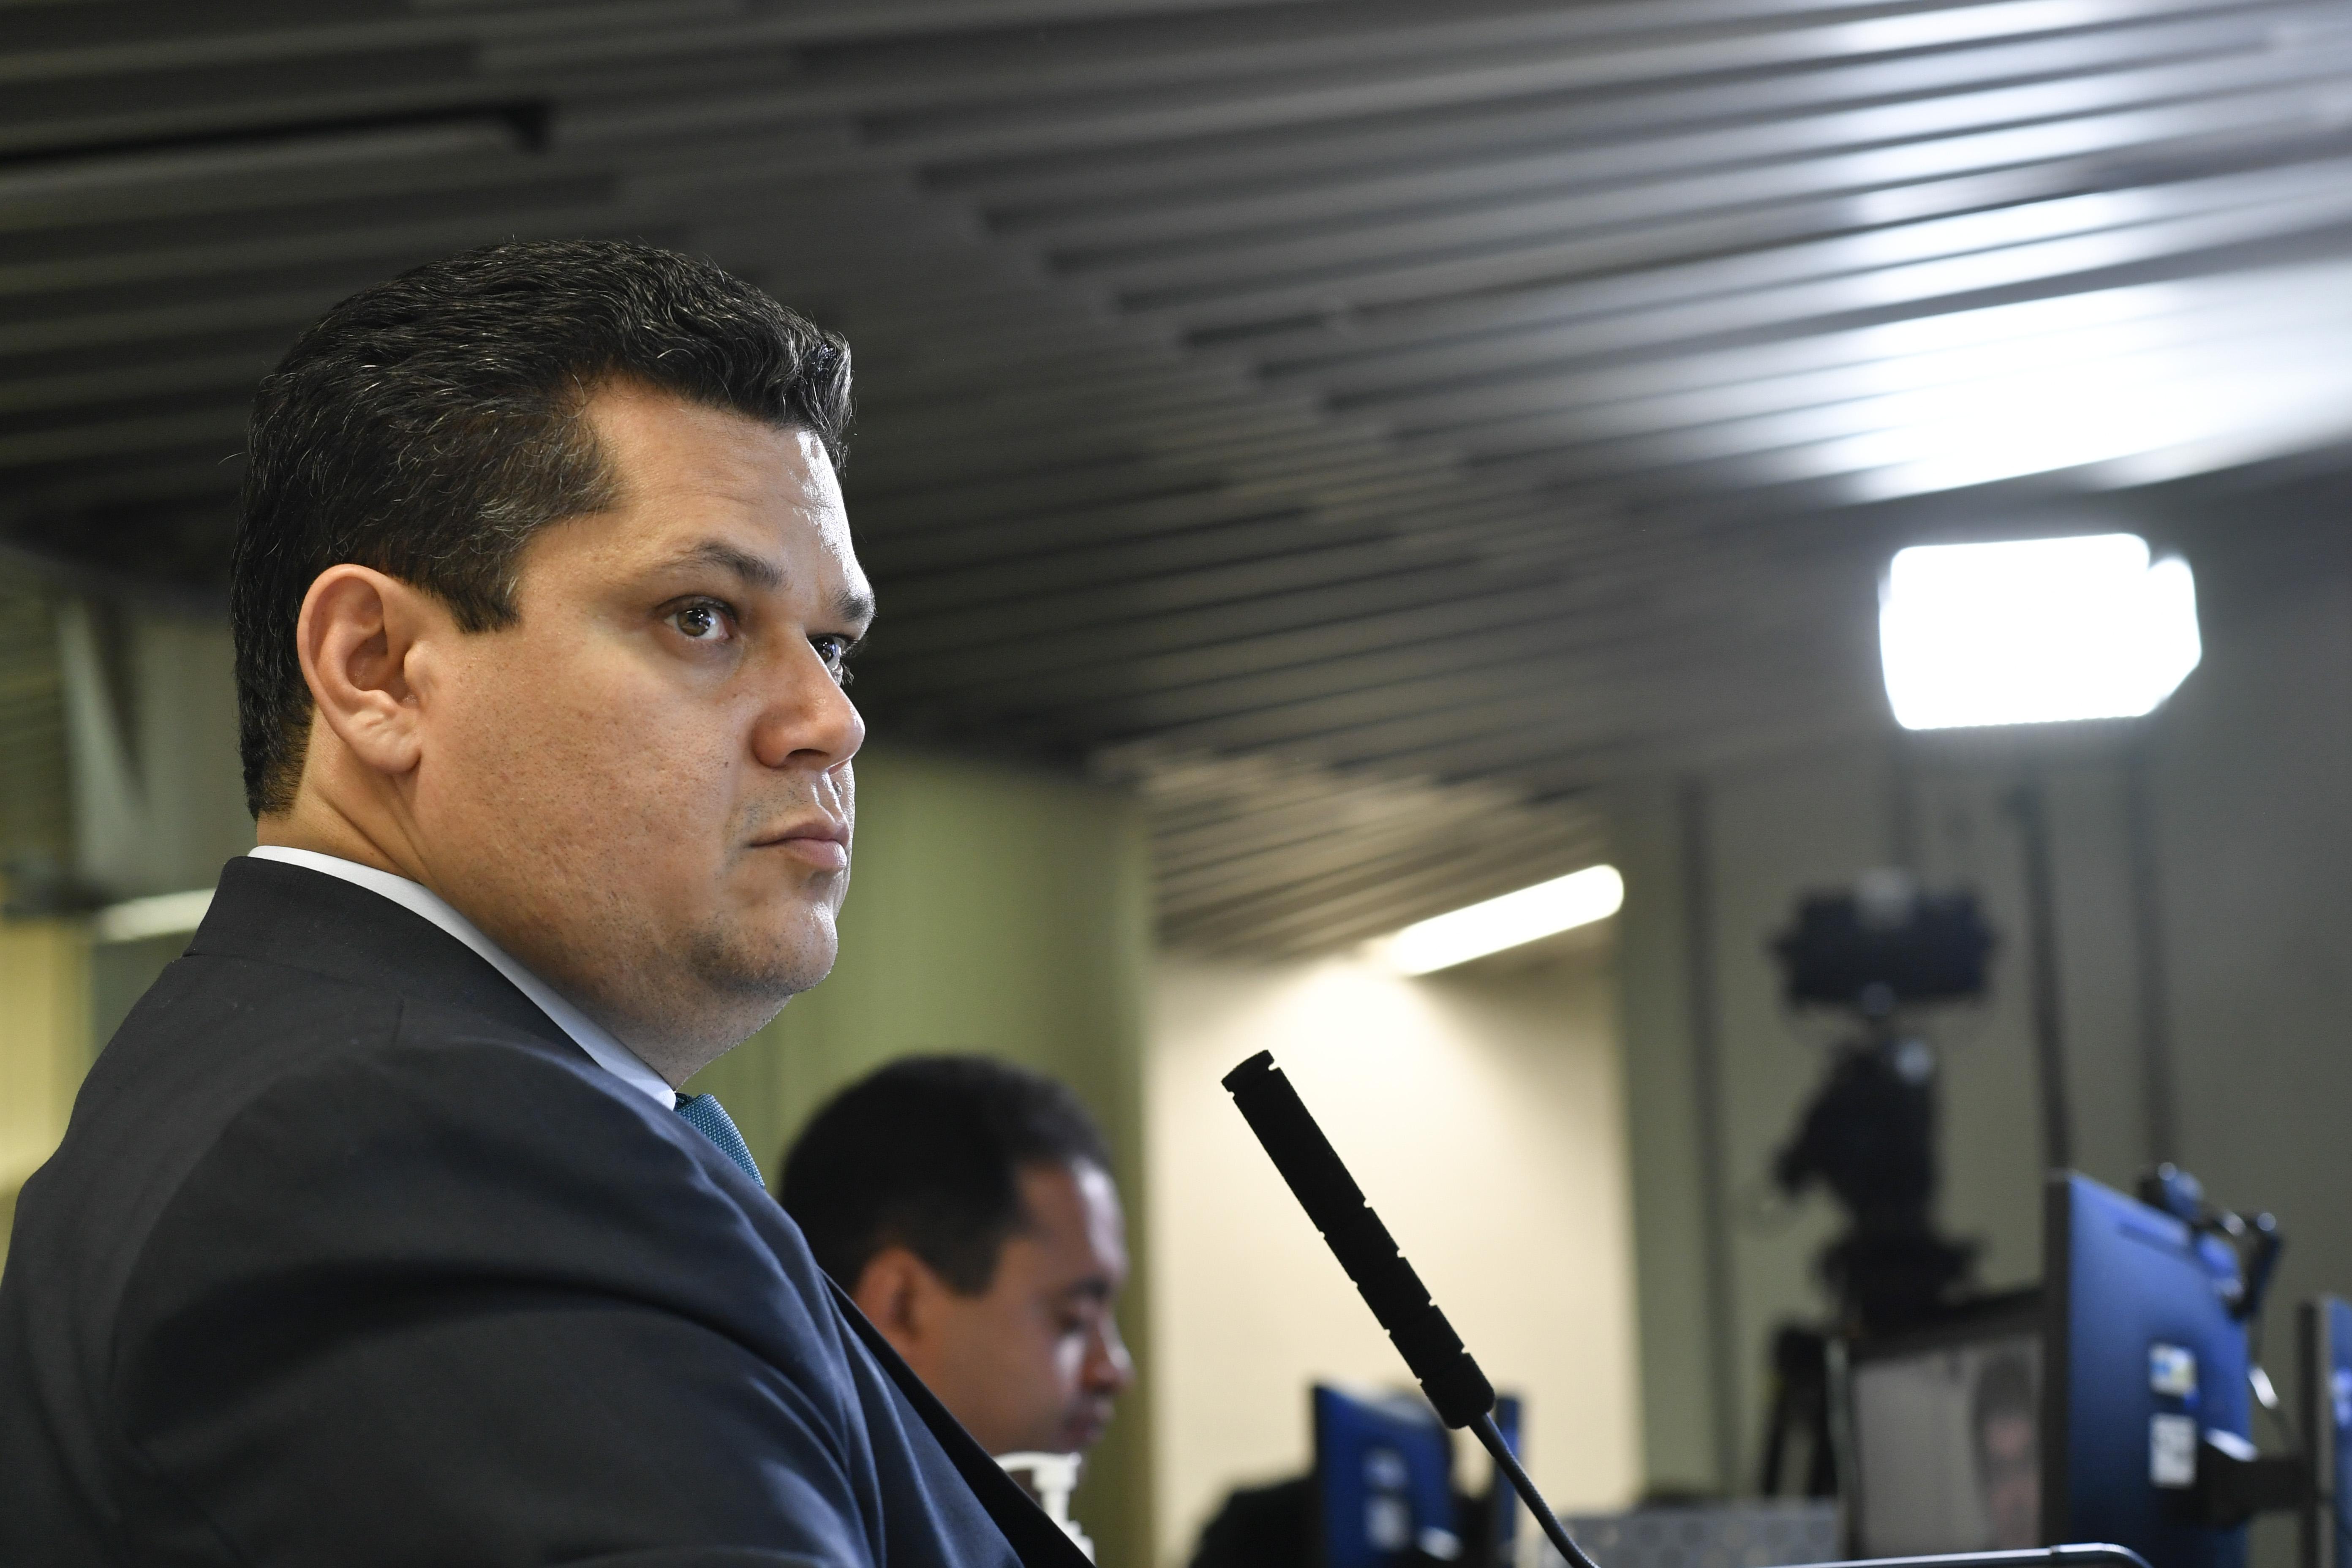 IMAGEM: PTB pede que PGR investigue Alcolumbre por travamento de impeachment de ministros do STF